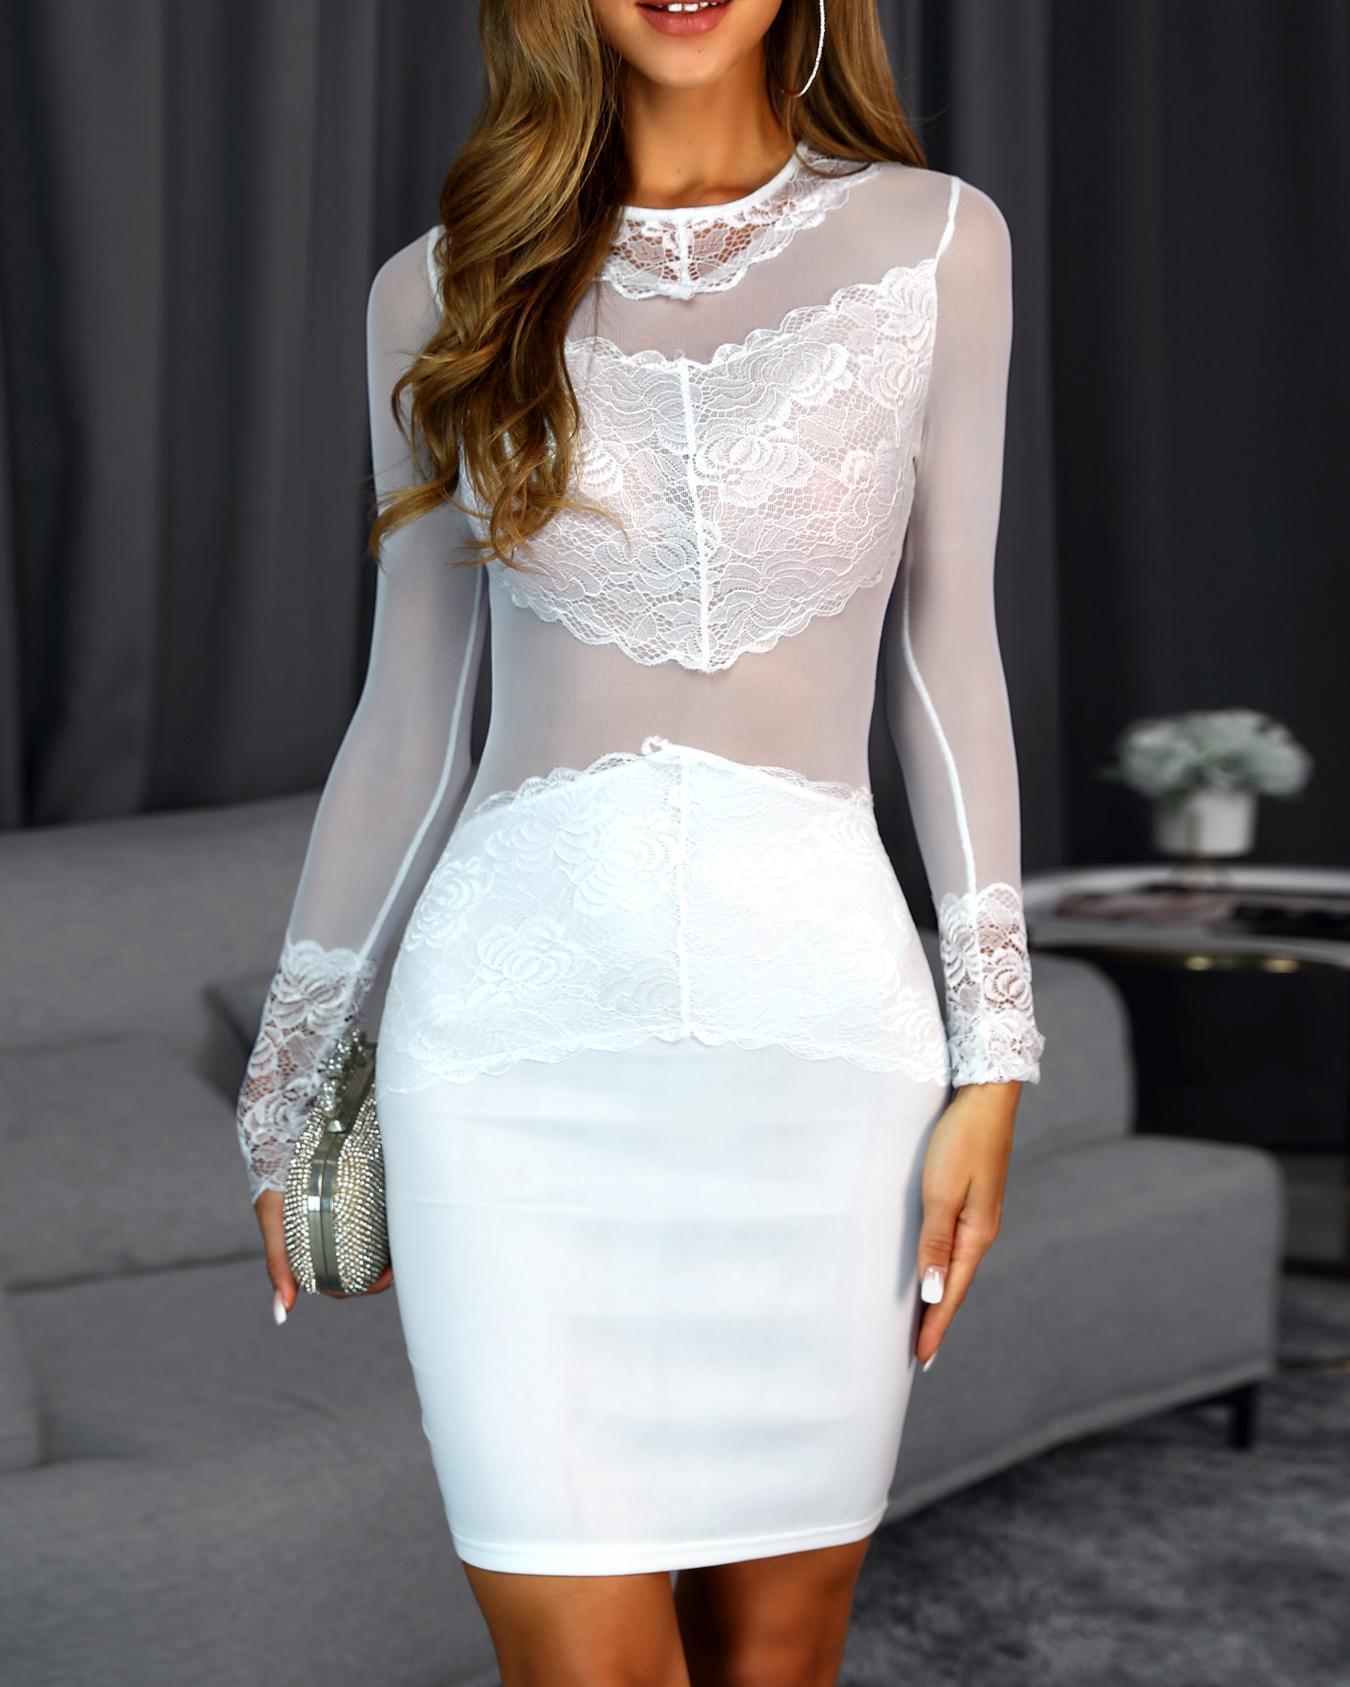 ivrose / Vestido ajustado con aplicación de encaje de malla transparente